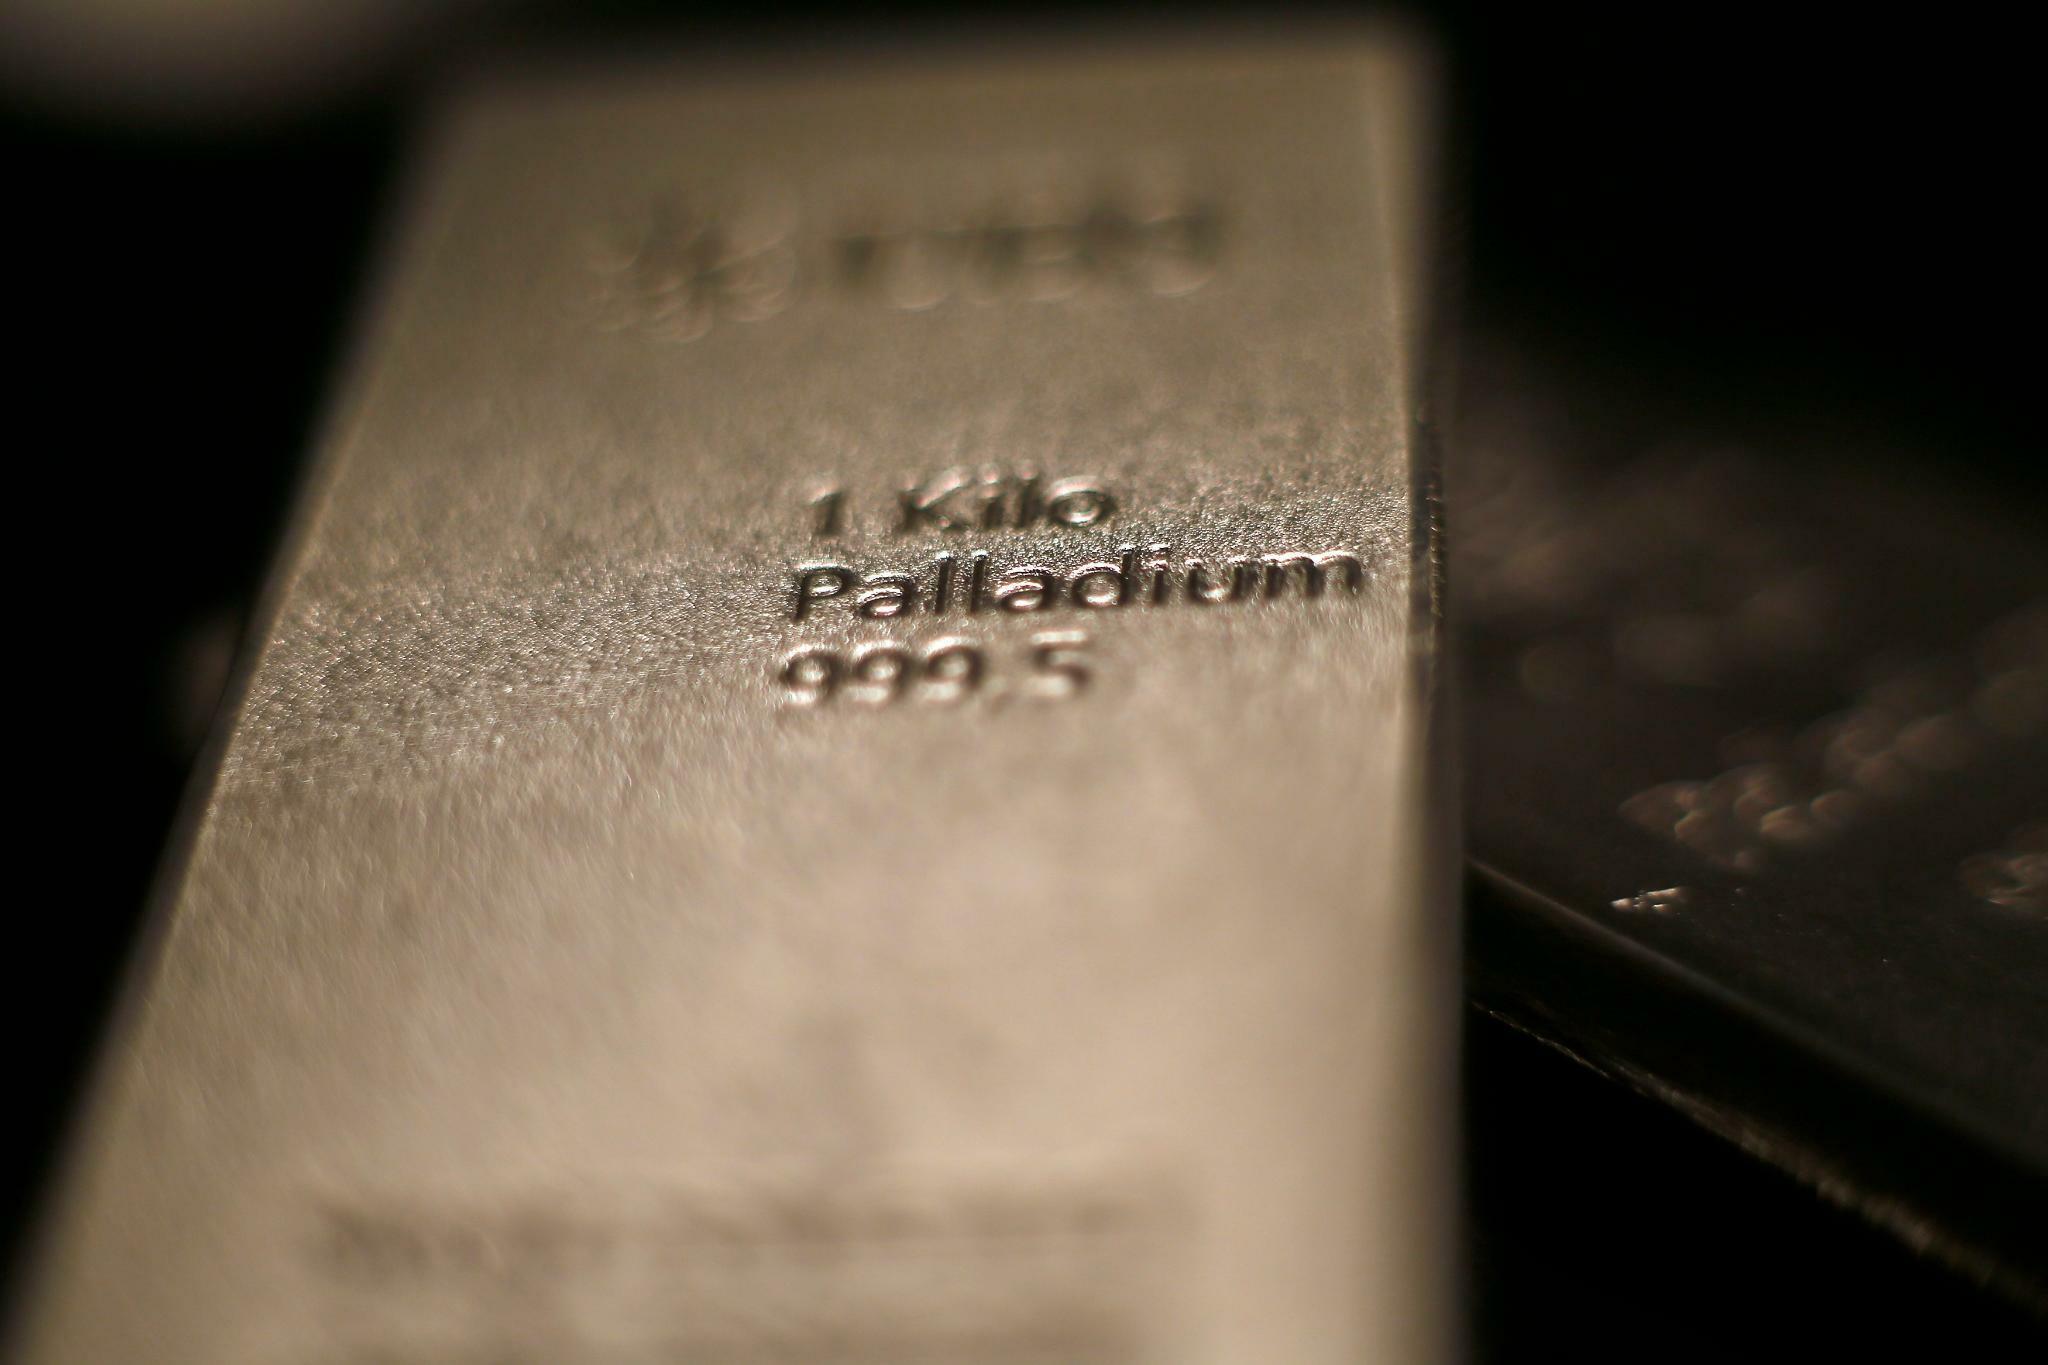 Palladium-Preis überspringt erstmals die Marke von 1900 Dollar